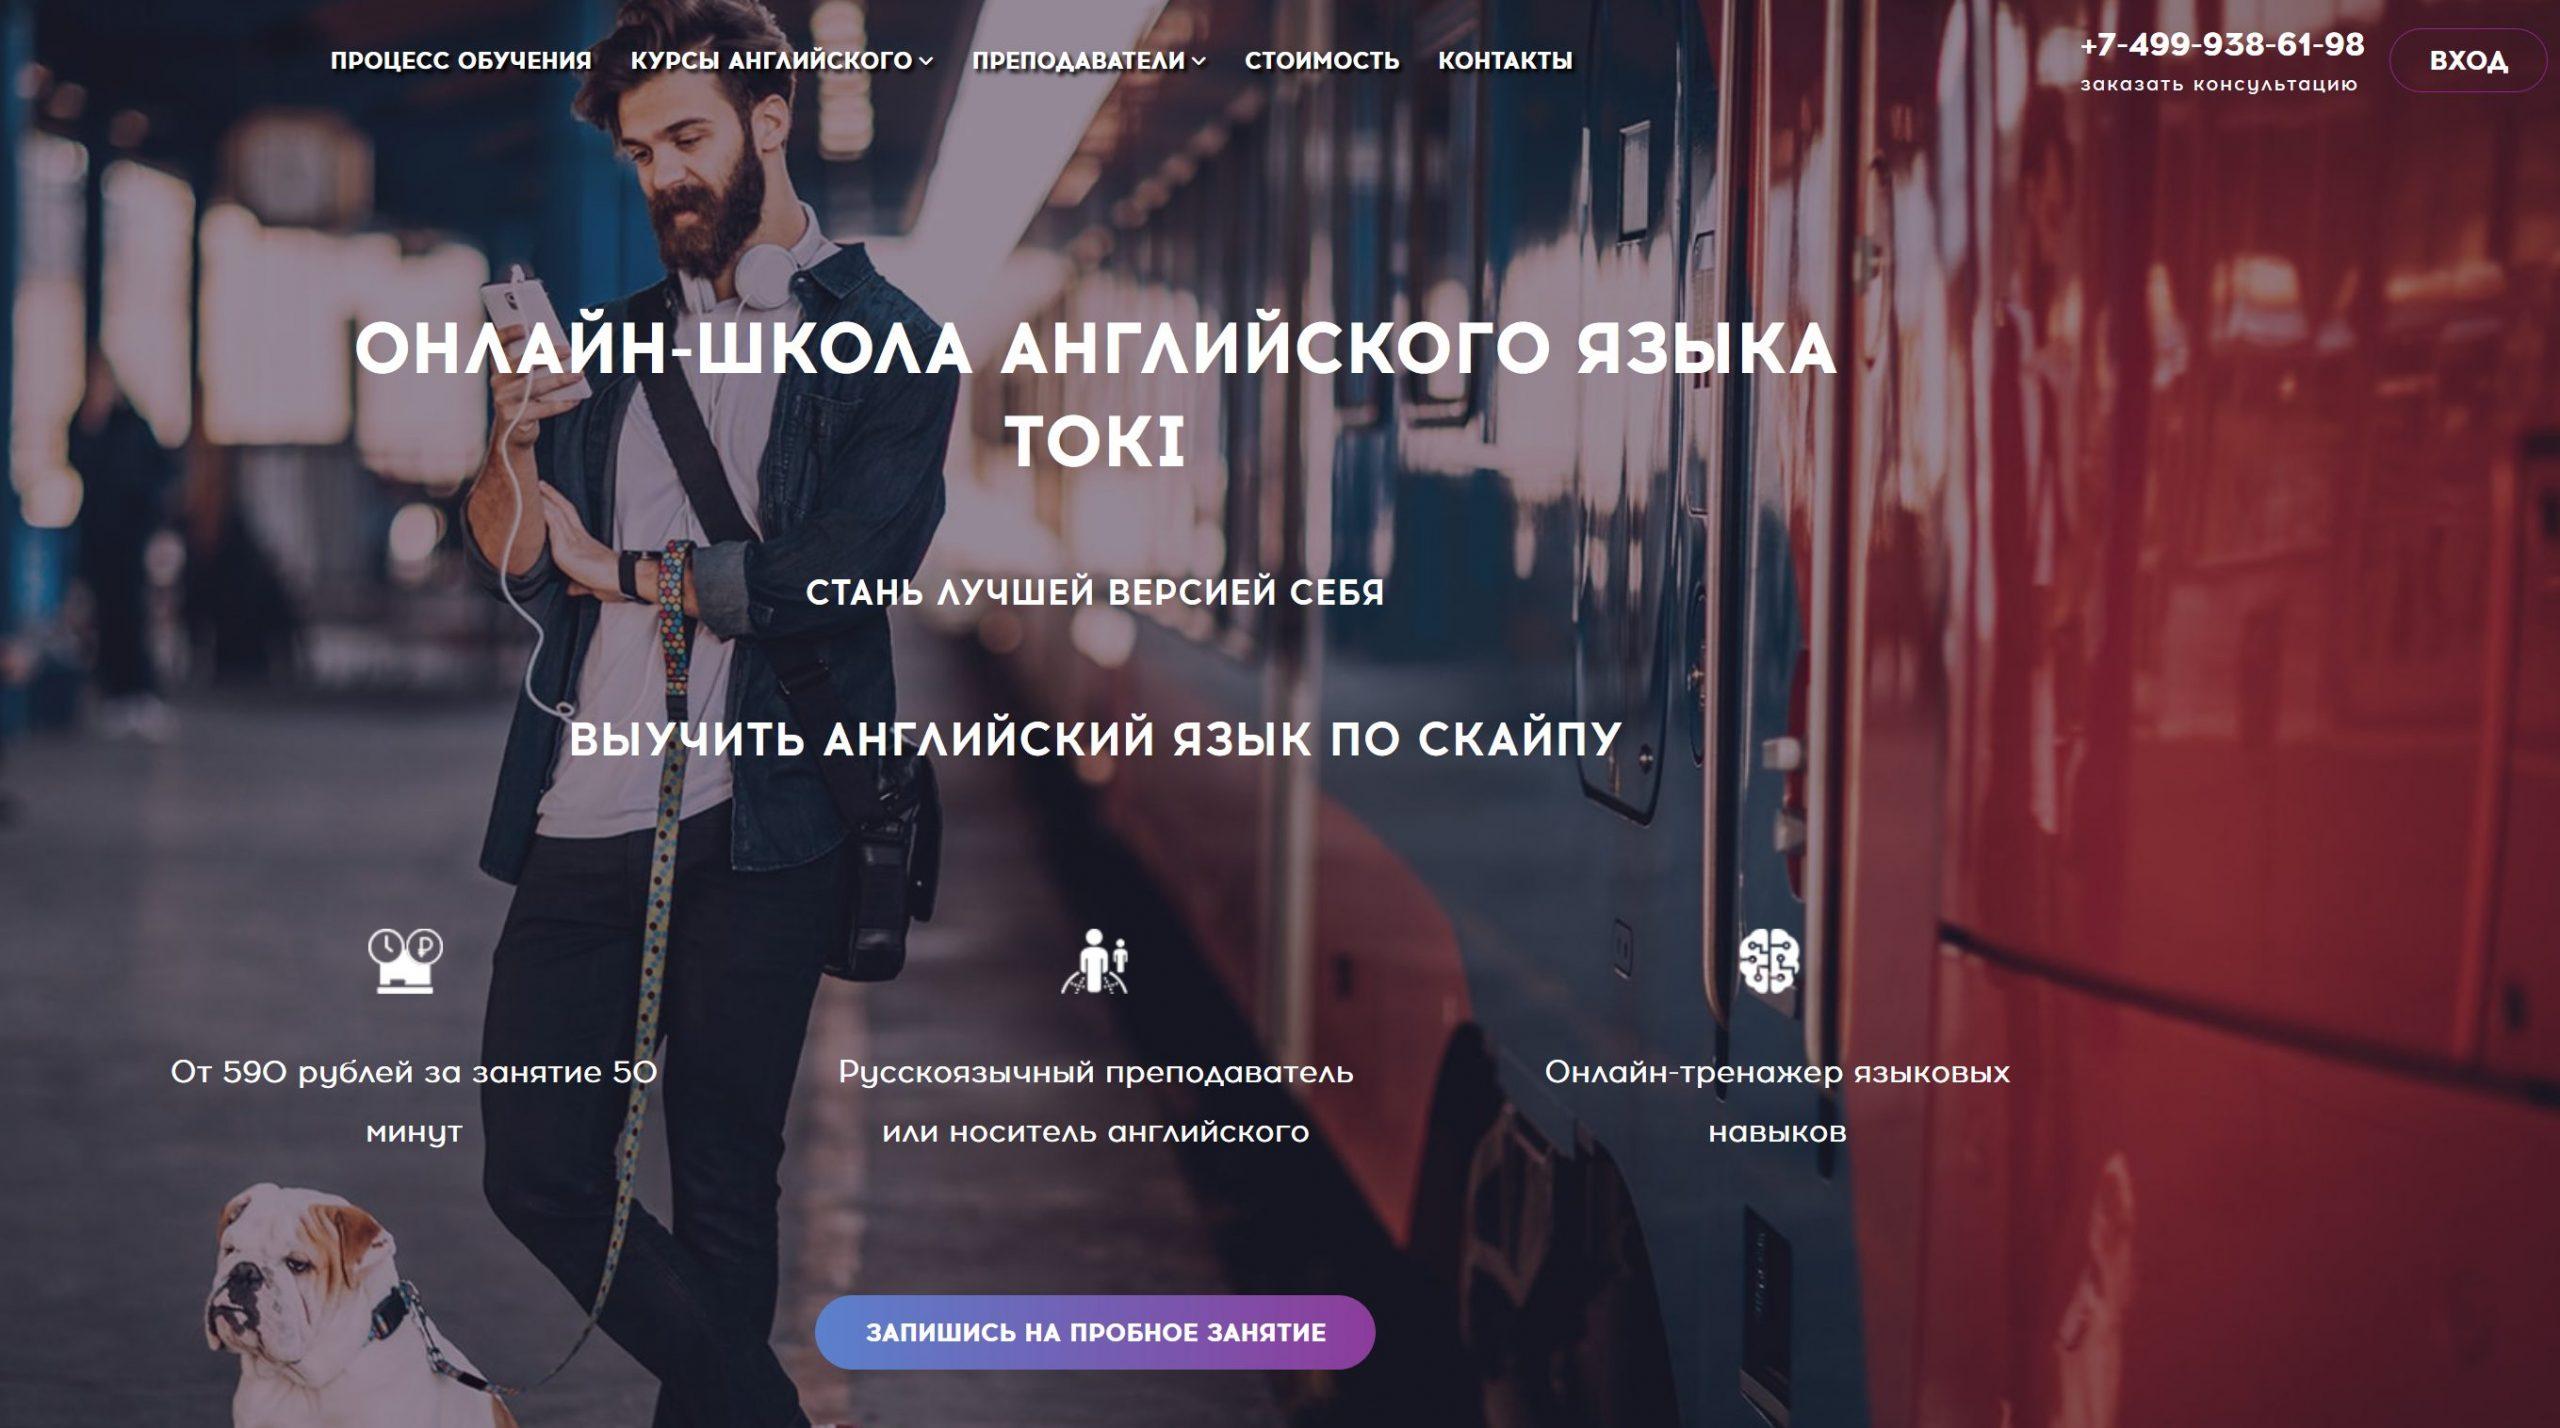 Обучение английскому языку по скайпу онлайн с преподавателем Москва